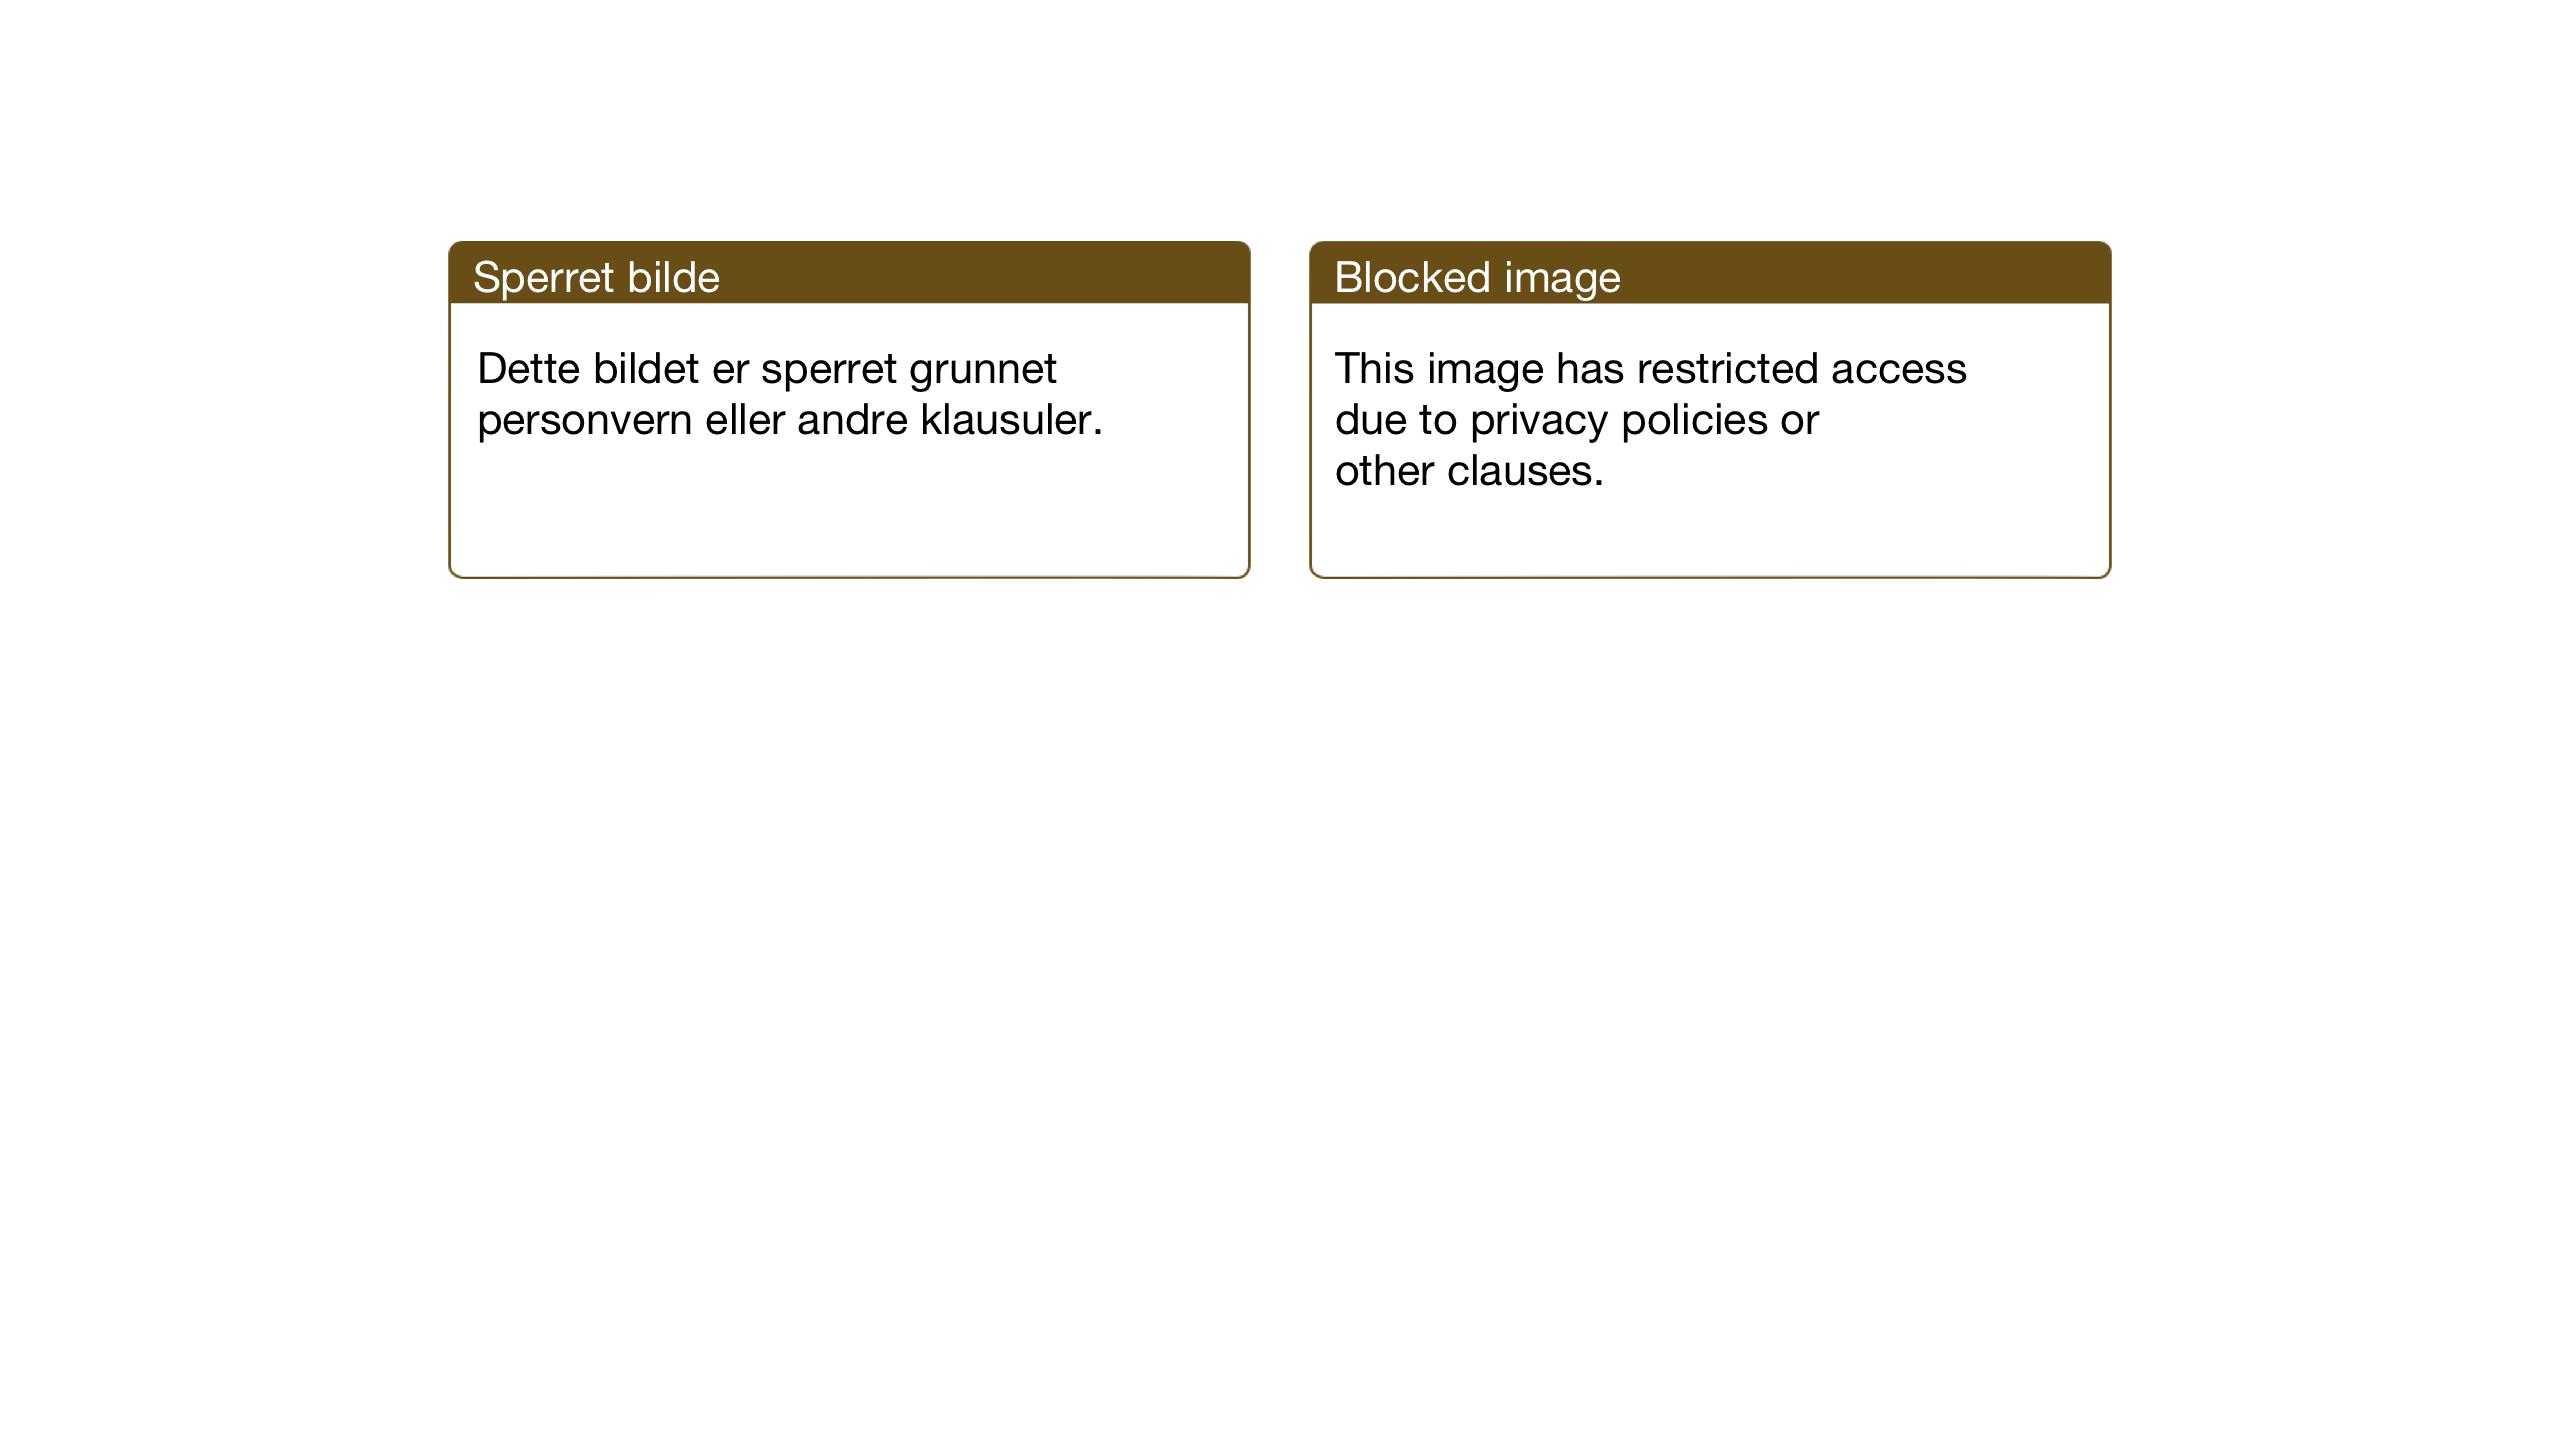 SAT, Ministerialprotokoller, klokkerbøker og fødselsregistre - Sør-Trøndelag, 689/L1045: Klokkerbok nr. 689C04, 1923-1940, s. 136